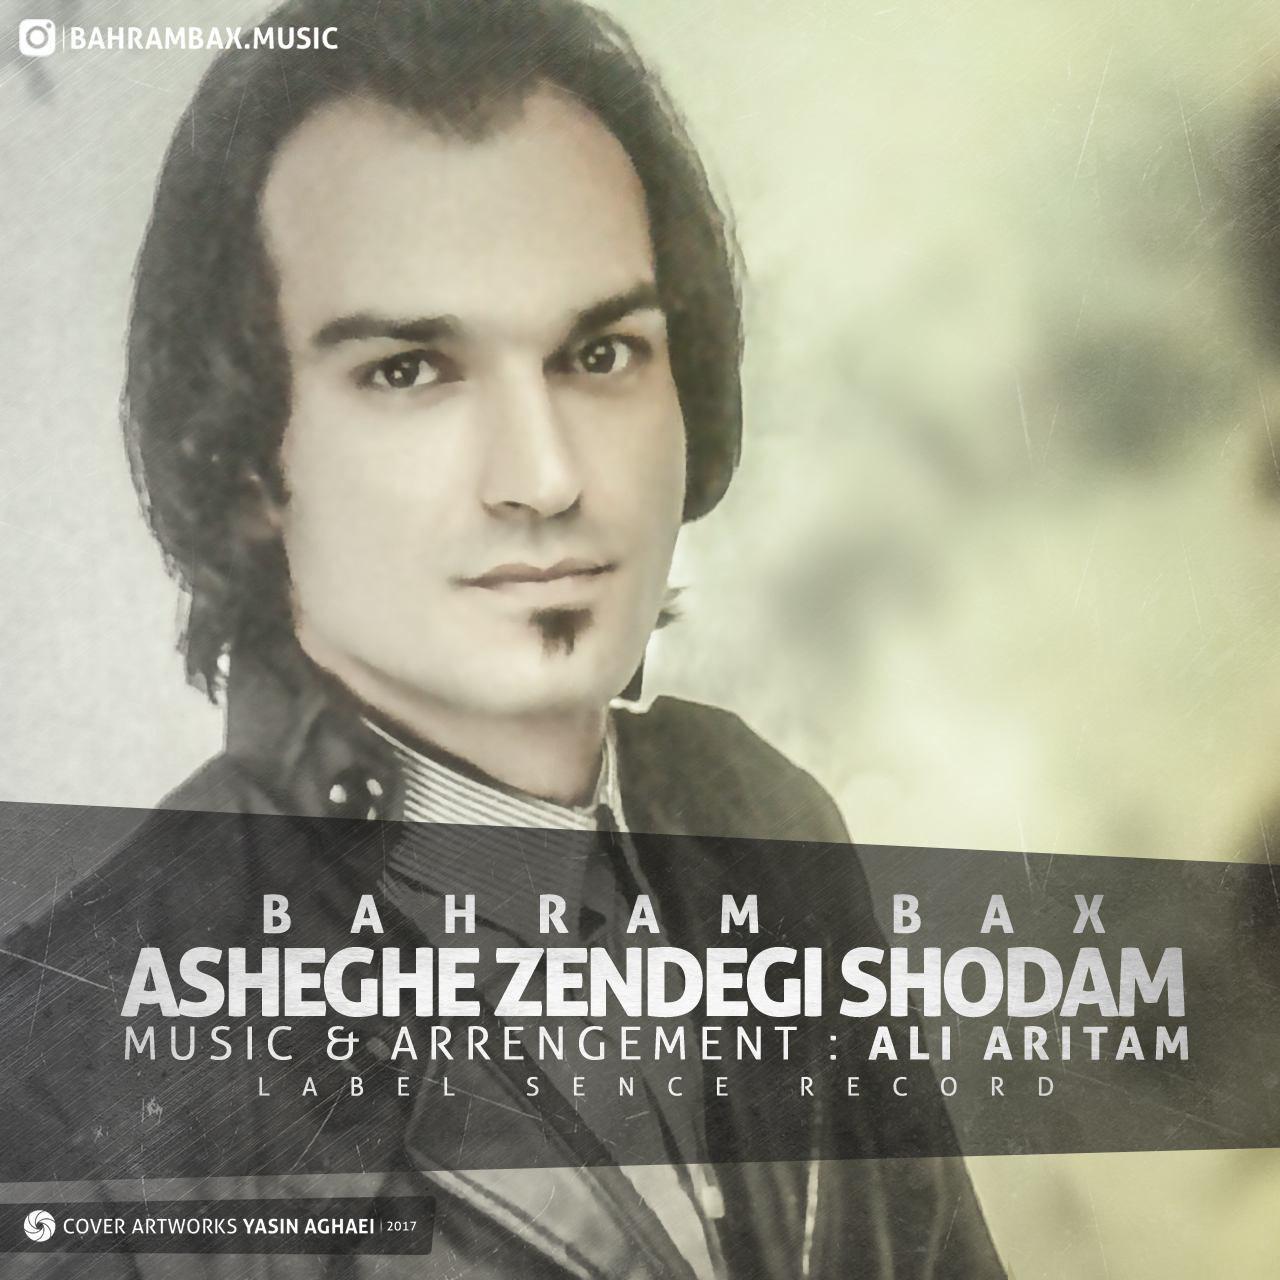 نامبر وان موزیک | دانلود آهنگ جدید Bahram-Bax-Asheghe-Zendegi-Shodam